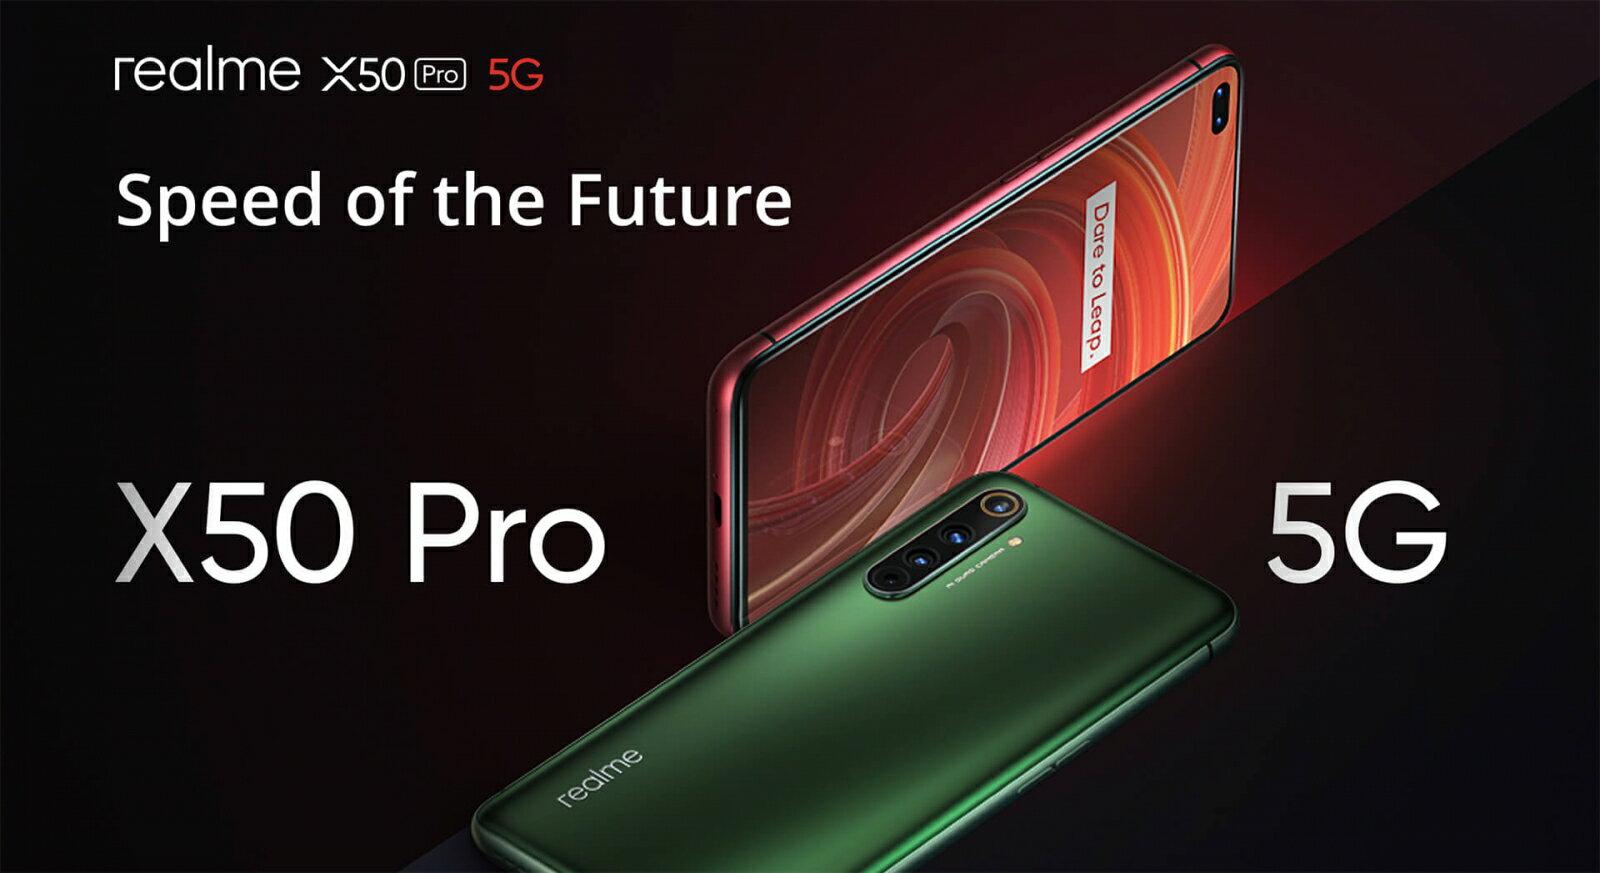 realme X50 Pro (12G/256G) ※手機顏色下單前請先詢問 ※ 可以提供購買憑證如果需要憑證下單請先跟我們說